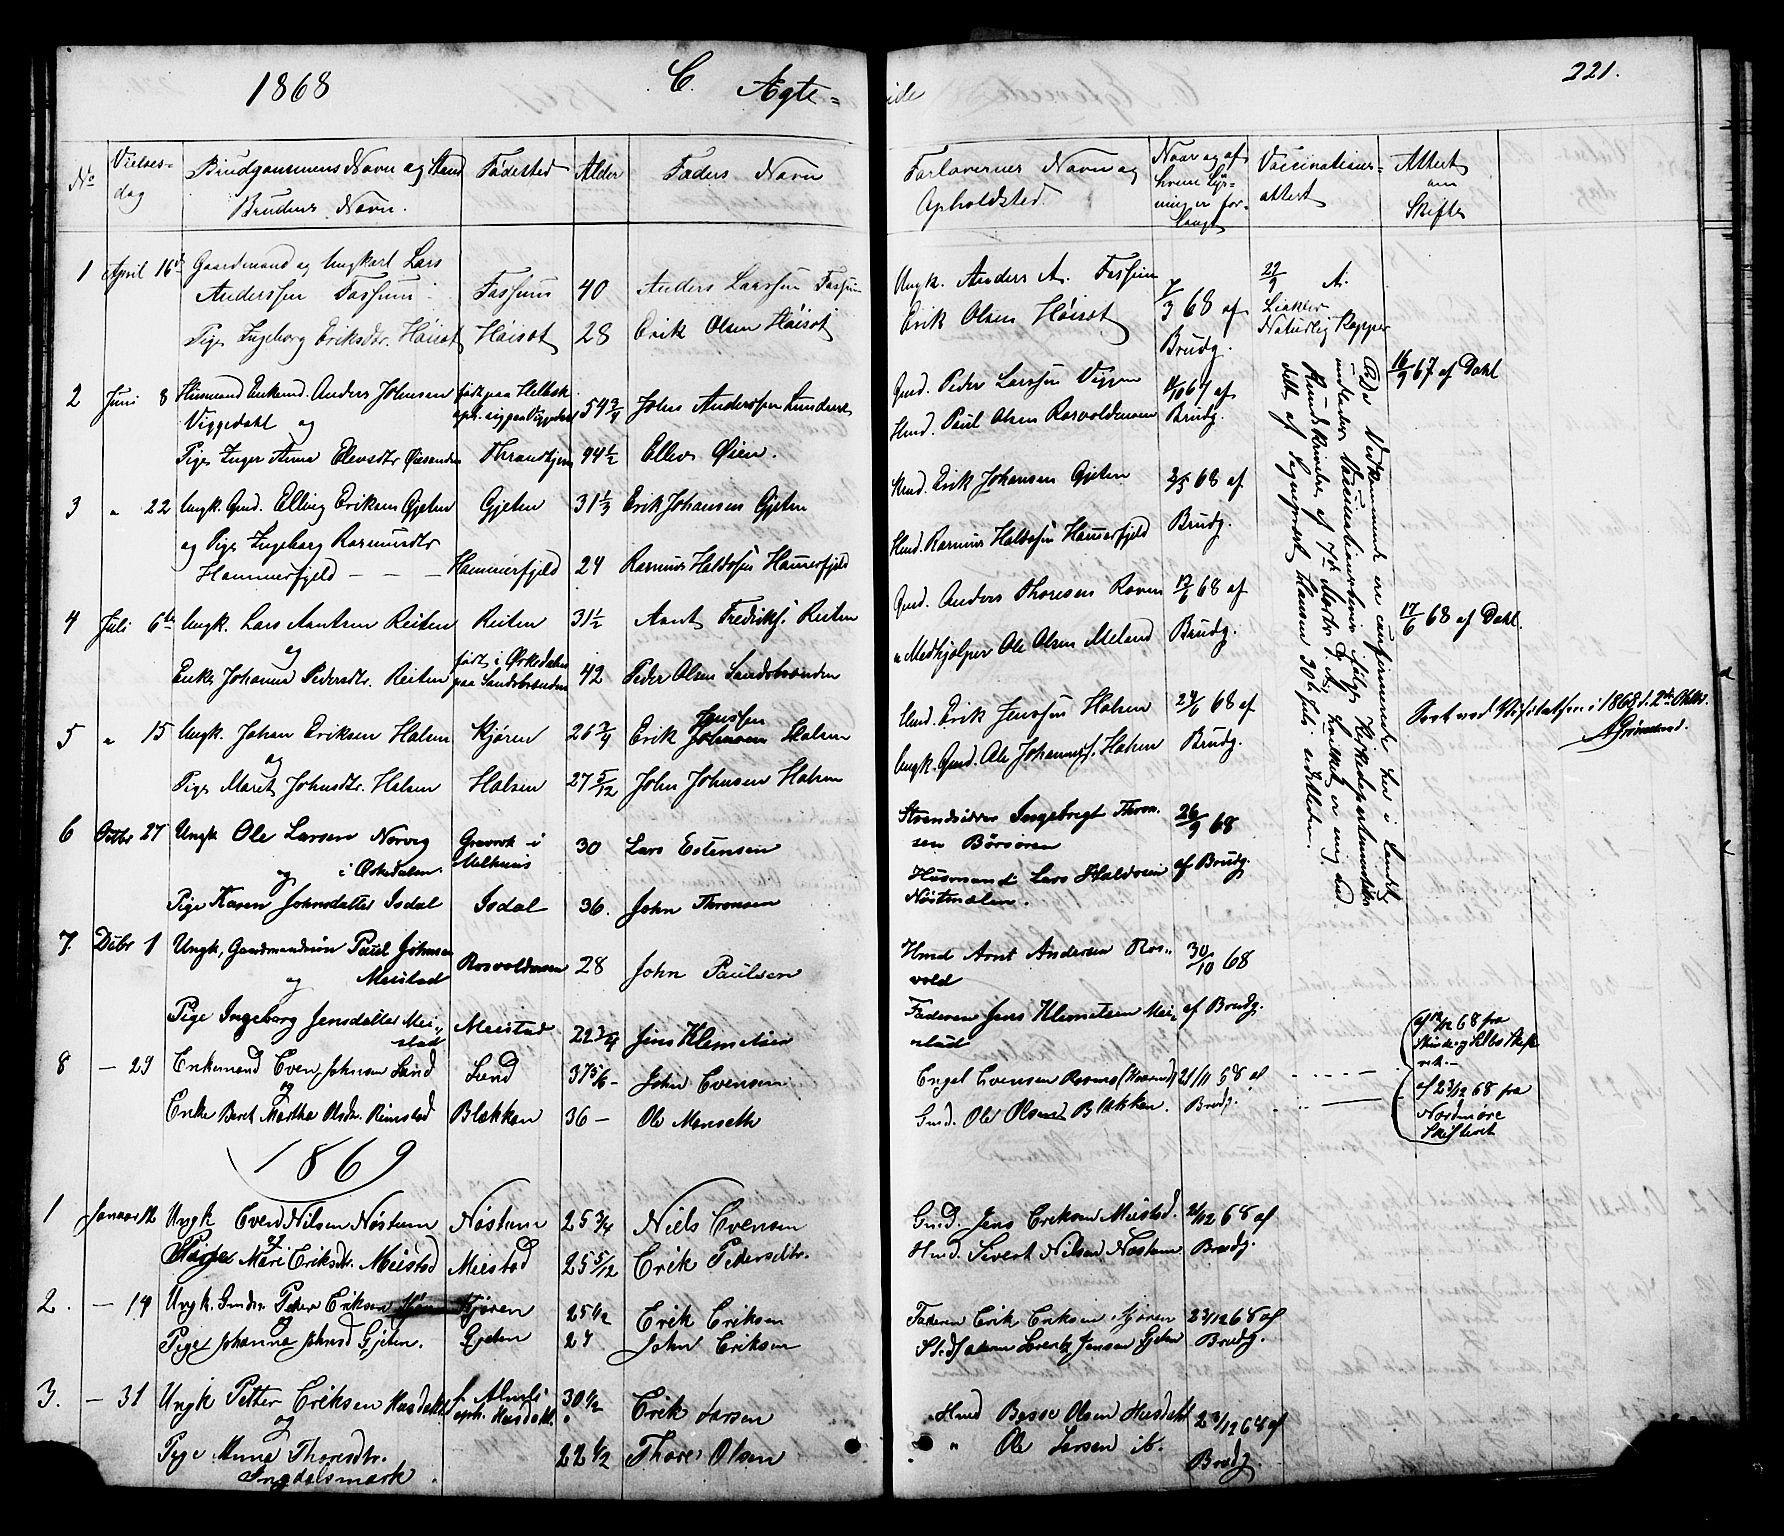 SAT, Ministerialprotokoller, klokkerbøker og fødselsregistre - Sør-Trøndelag, 665/L0777: Klokkerbok nr. 665C02, 1867-1915, s. 221